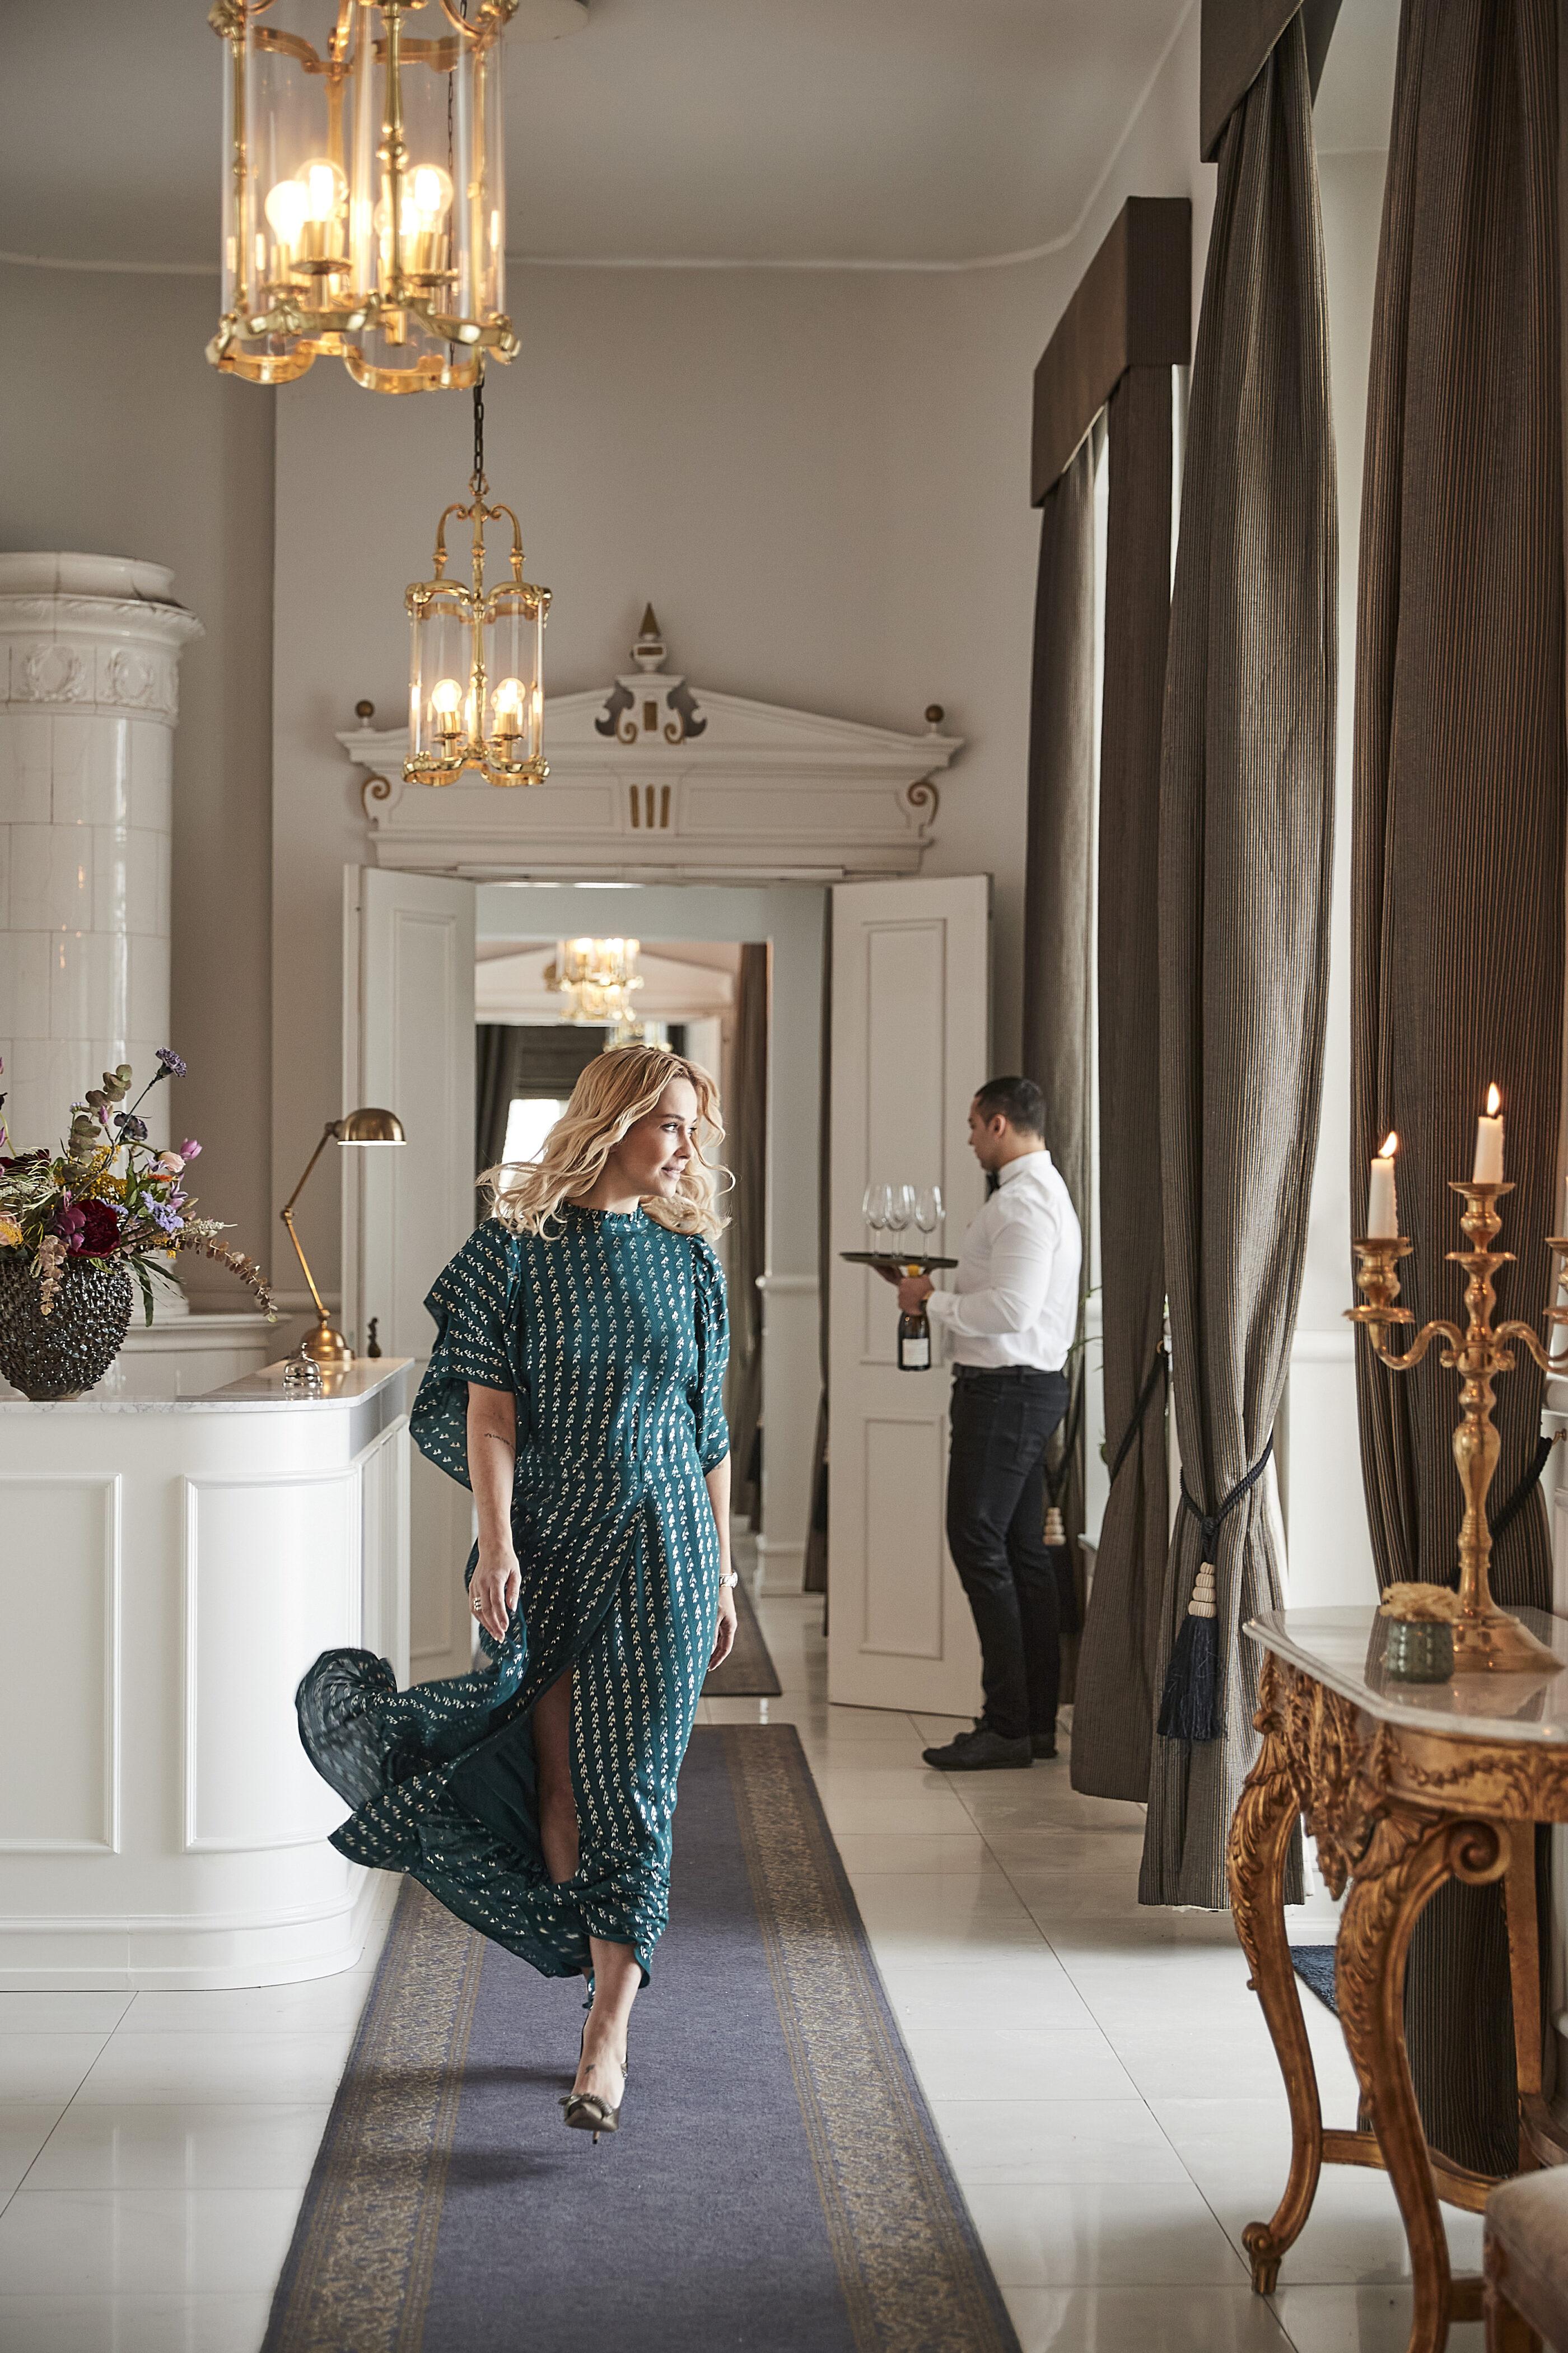 Kvinde går i kokkedal slots reception